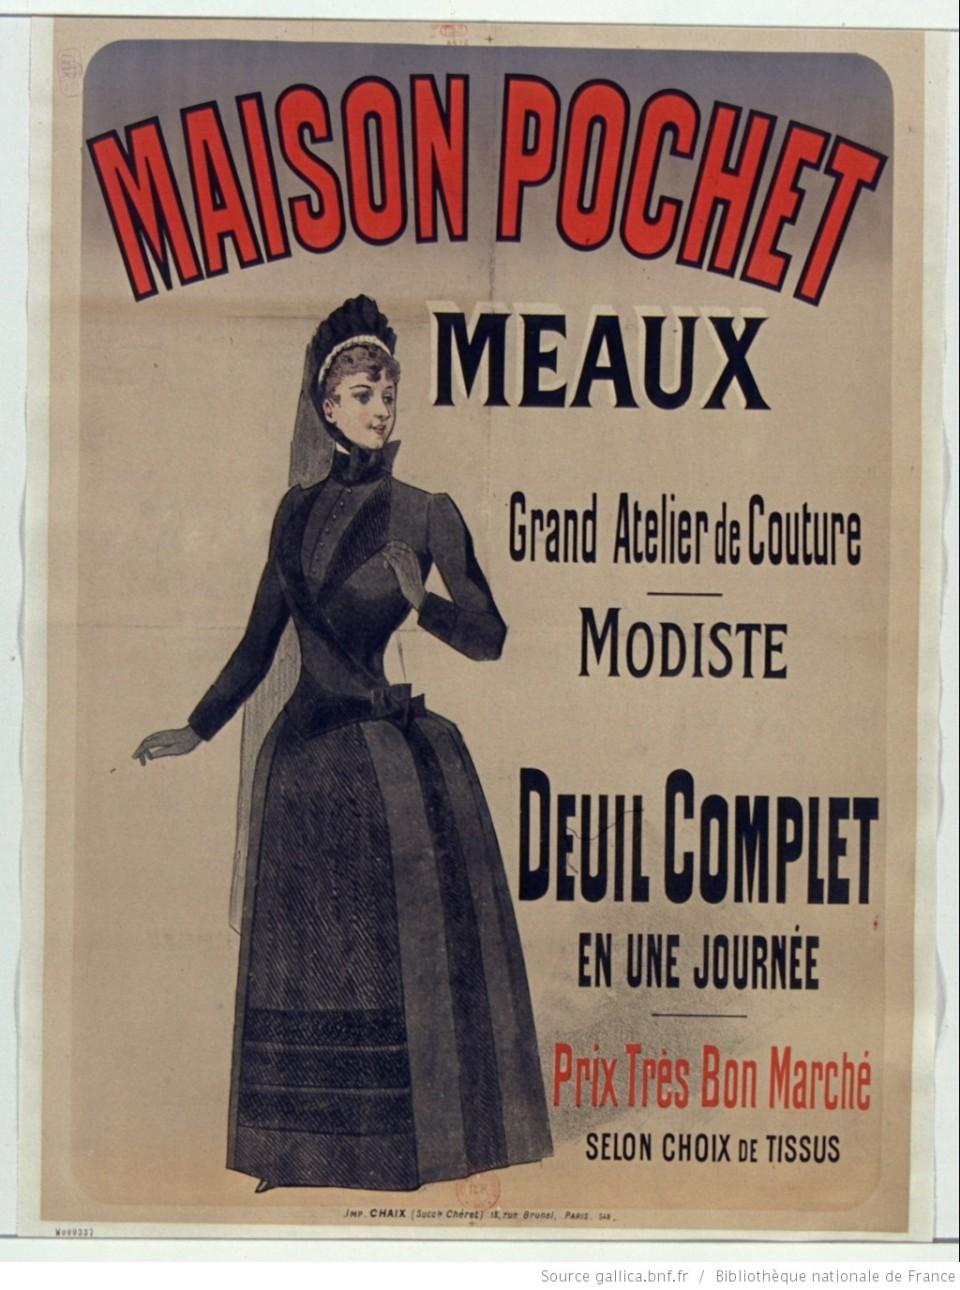 Maison Pochet. Deuil complet en une journée. Publicité de 1889. Source.